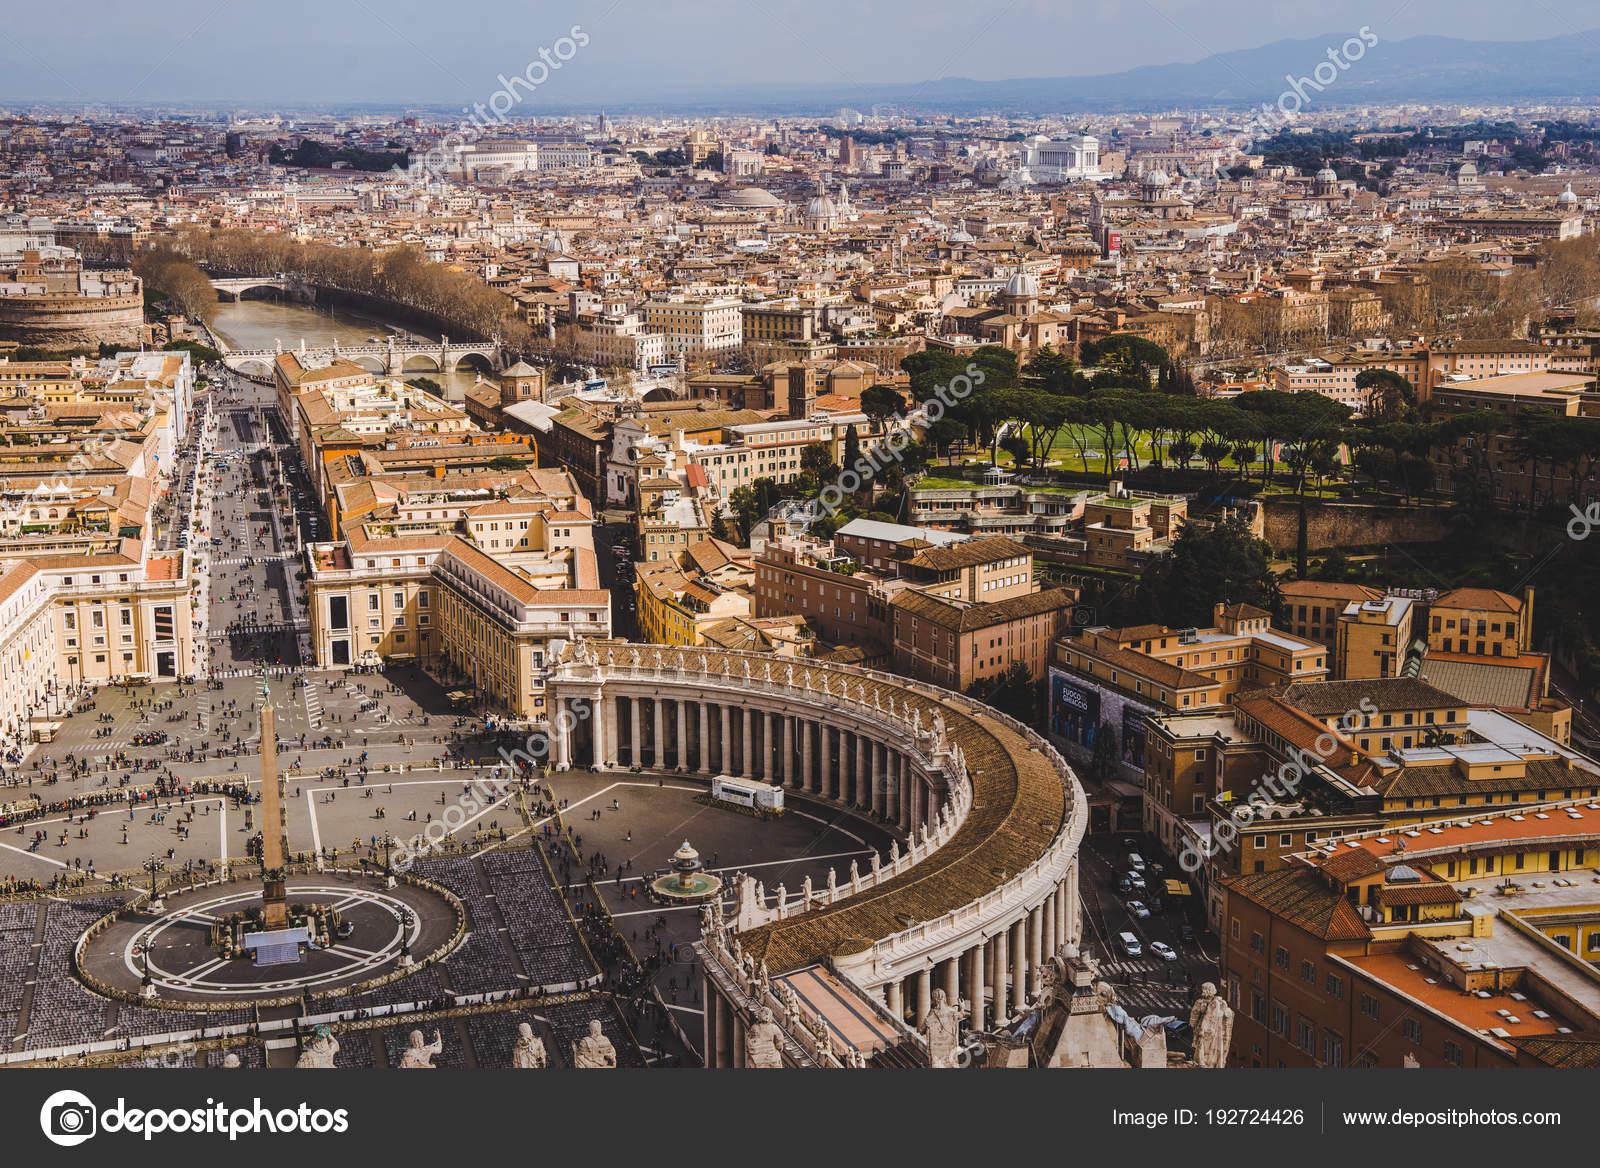 バチカン市国 イタリアの古代建物の空中写真 \u2014 ストック写真